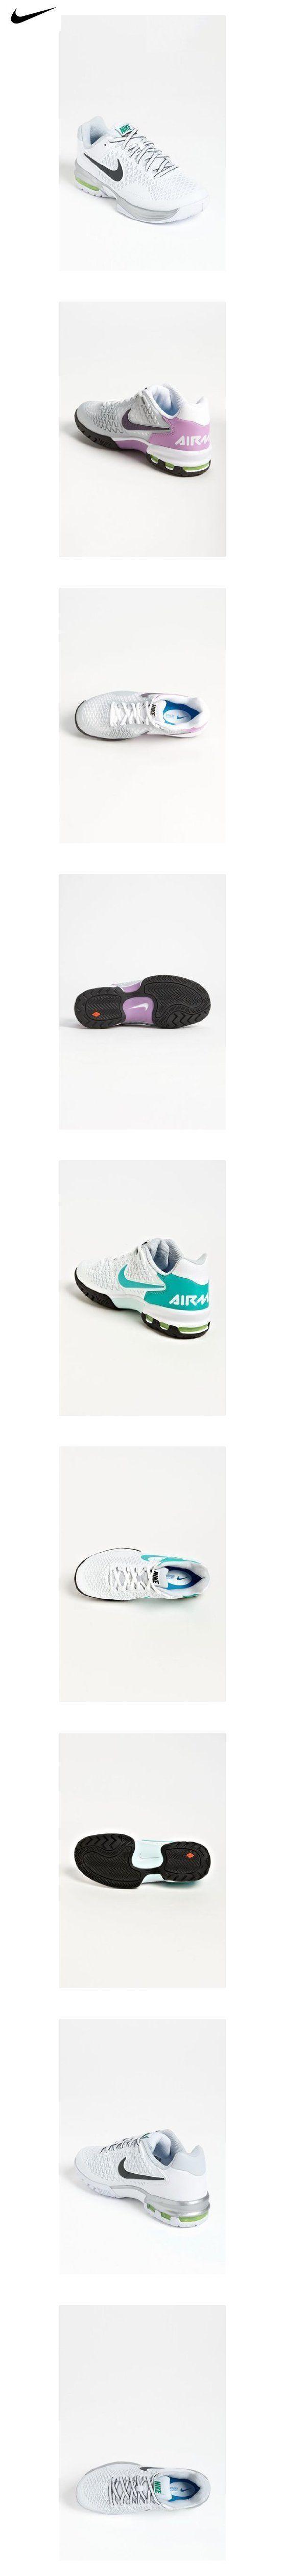 Nike Women's Air Max Cage White/Pure Platinum/Volt/Anthracite B - Medium